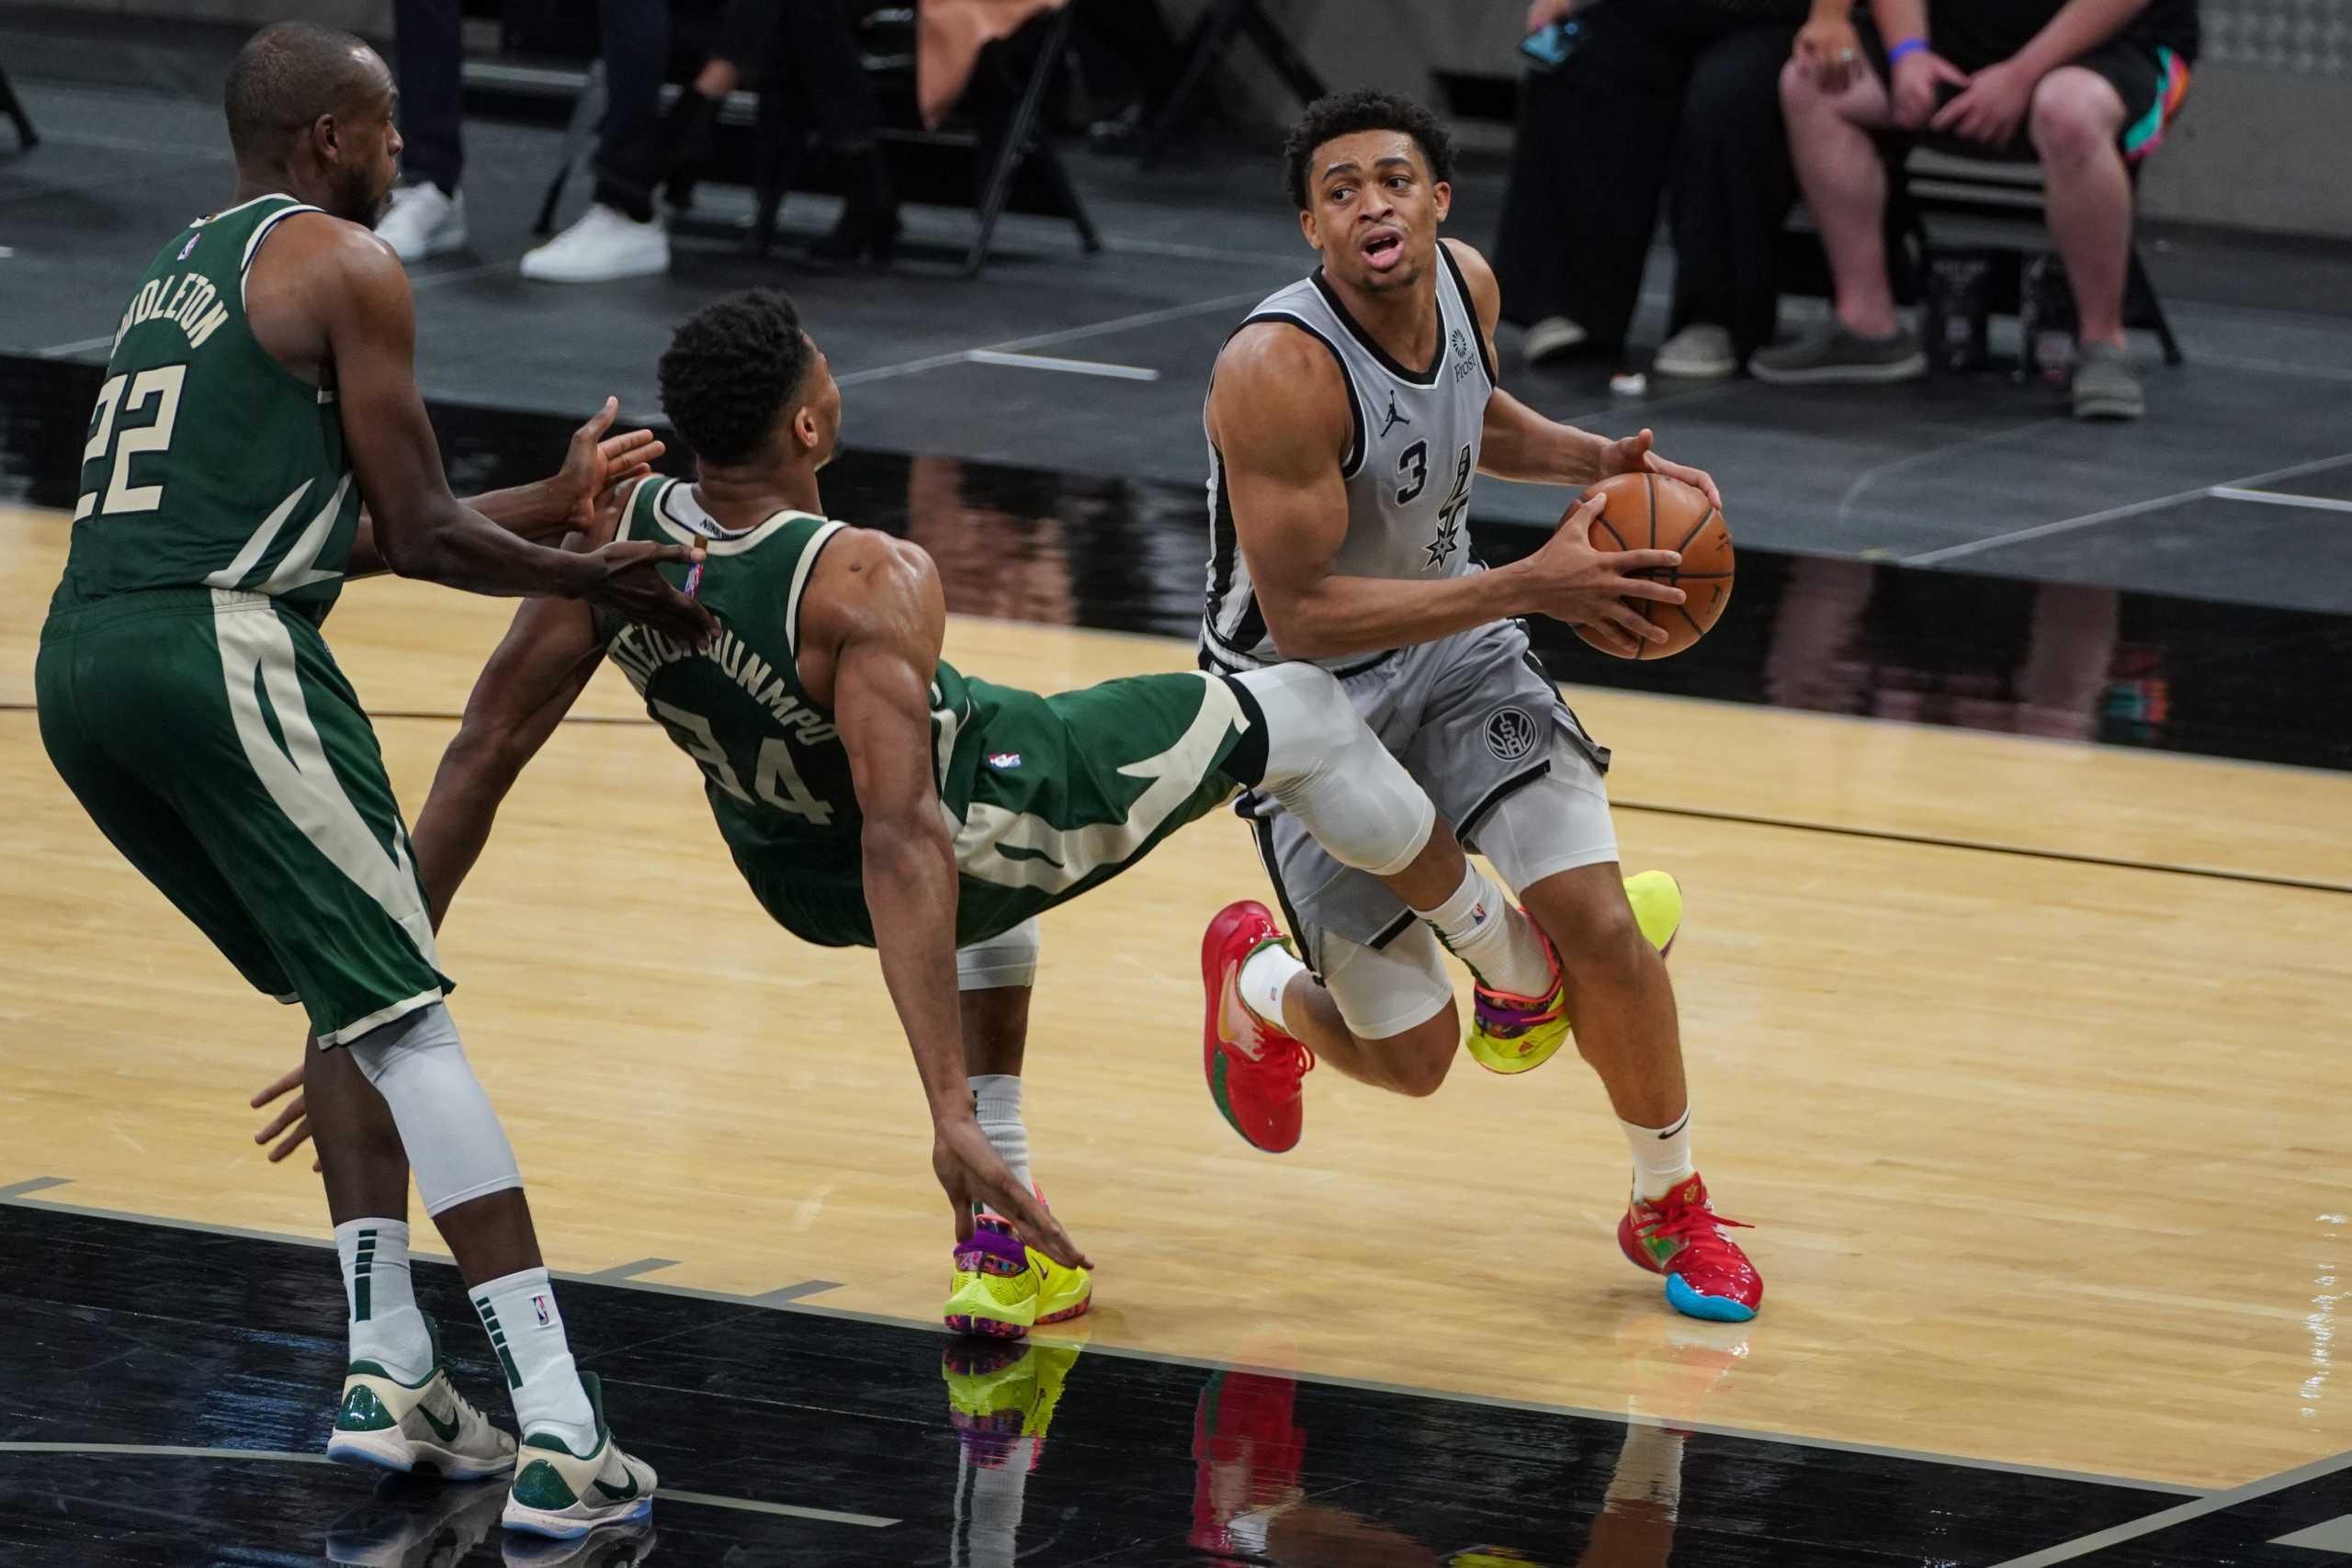 Οι Σπερς έριξαν τους Μπακς του Αντετοκούνμπο στην 3η θέση – Τα αποτελέσματα στο NBA